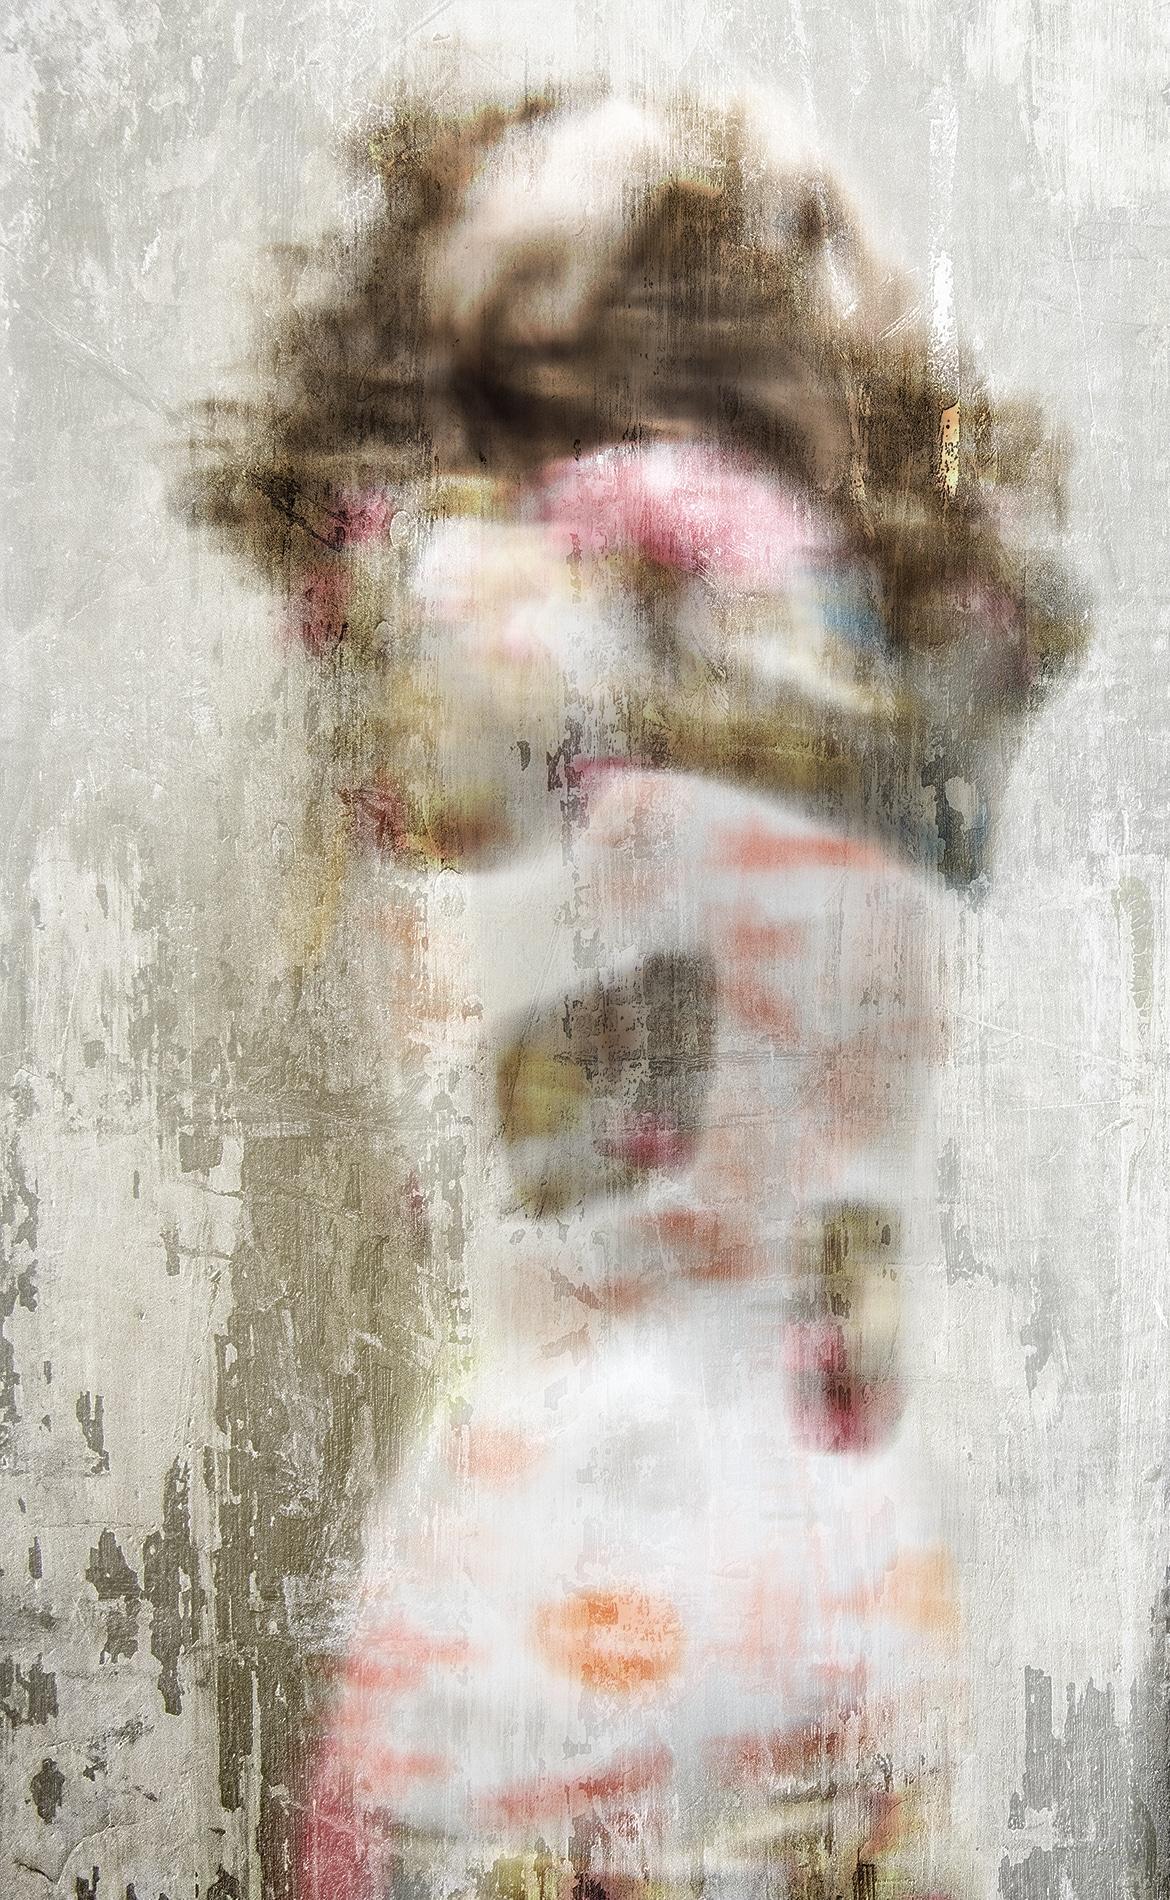 Maribé photography - Le corps sait - 15 - La cage abri